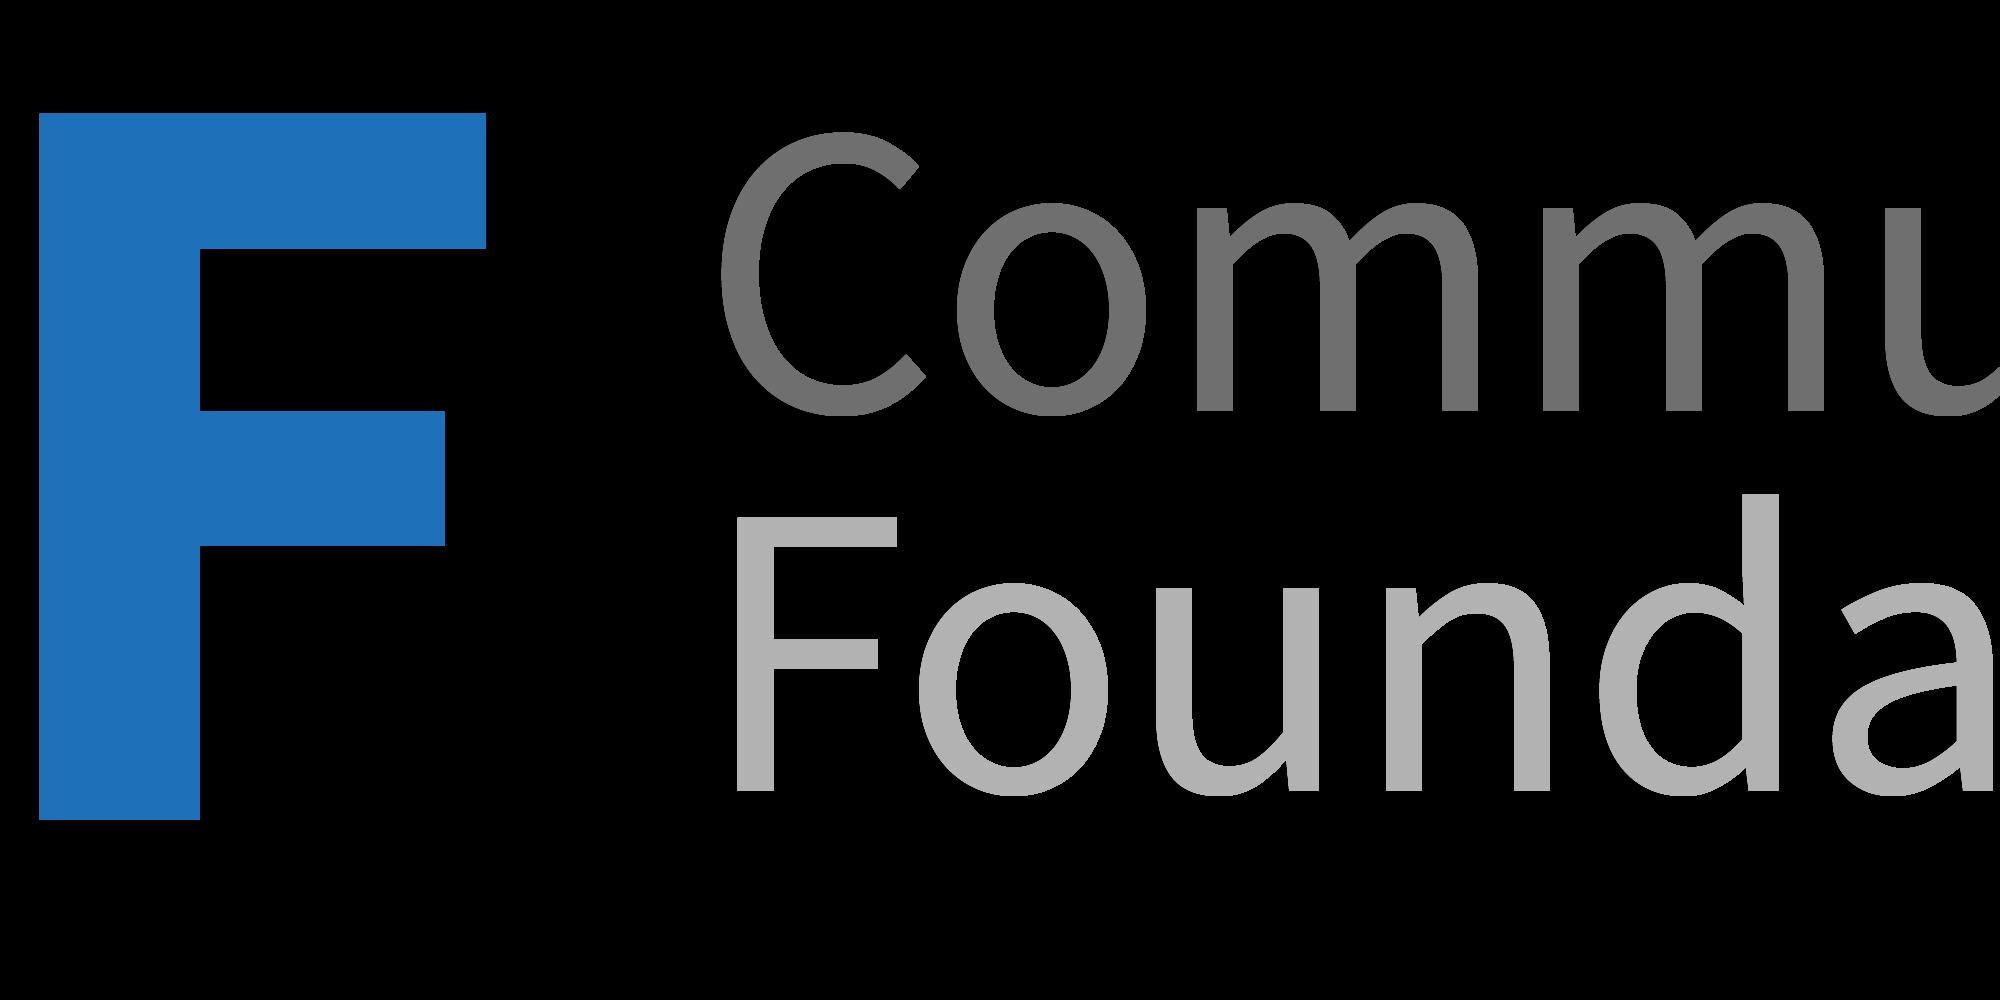 GF Community Foundation